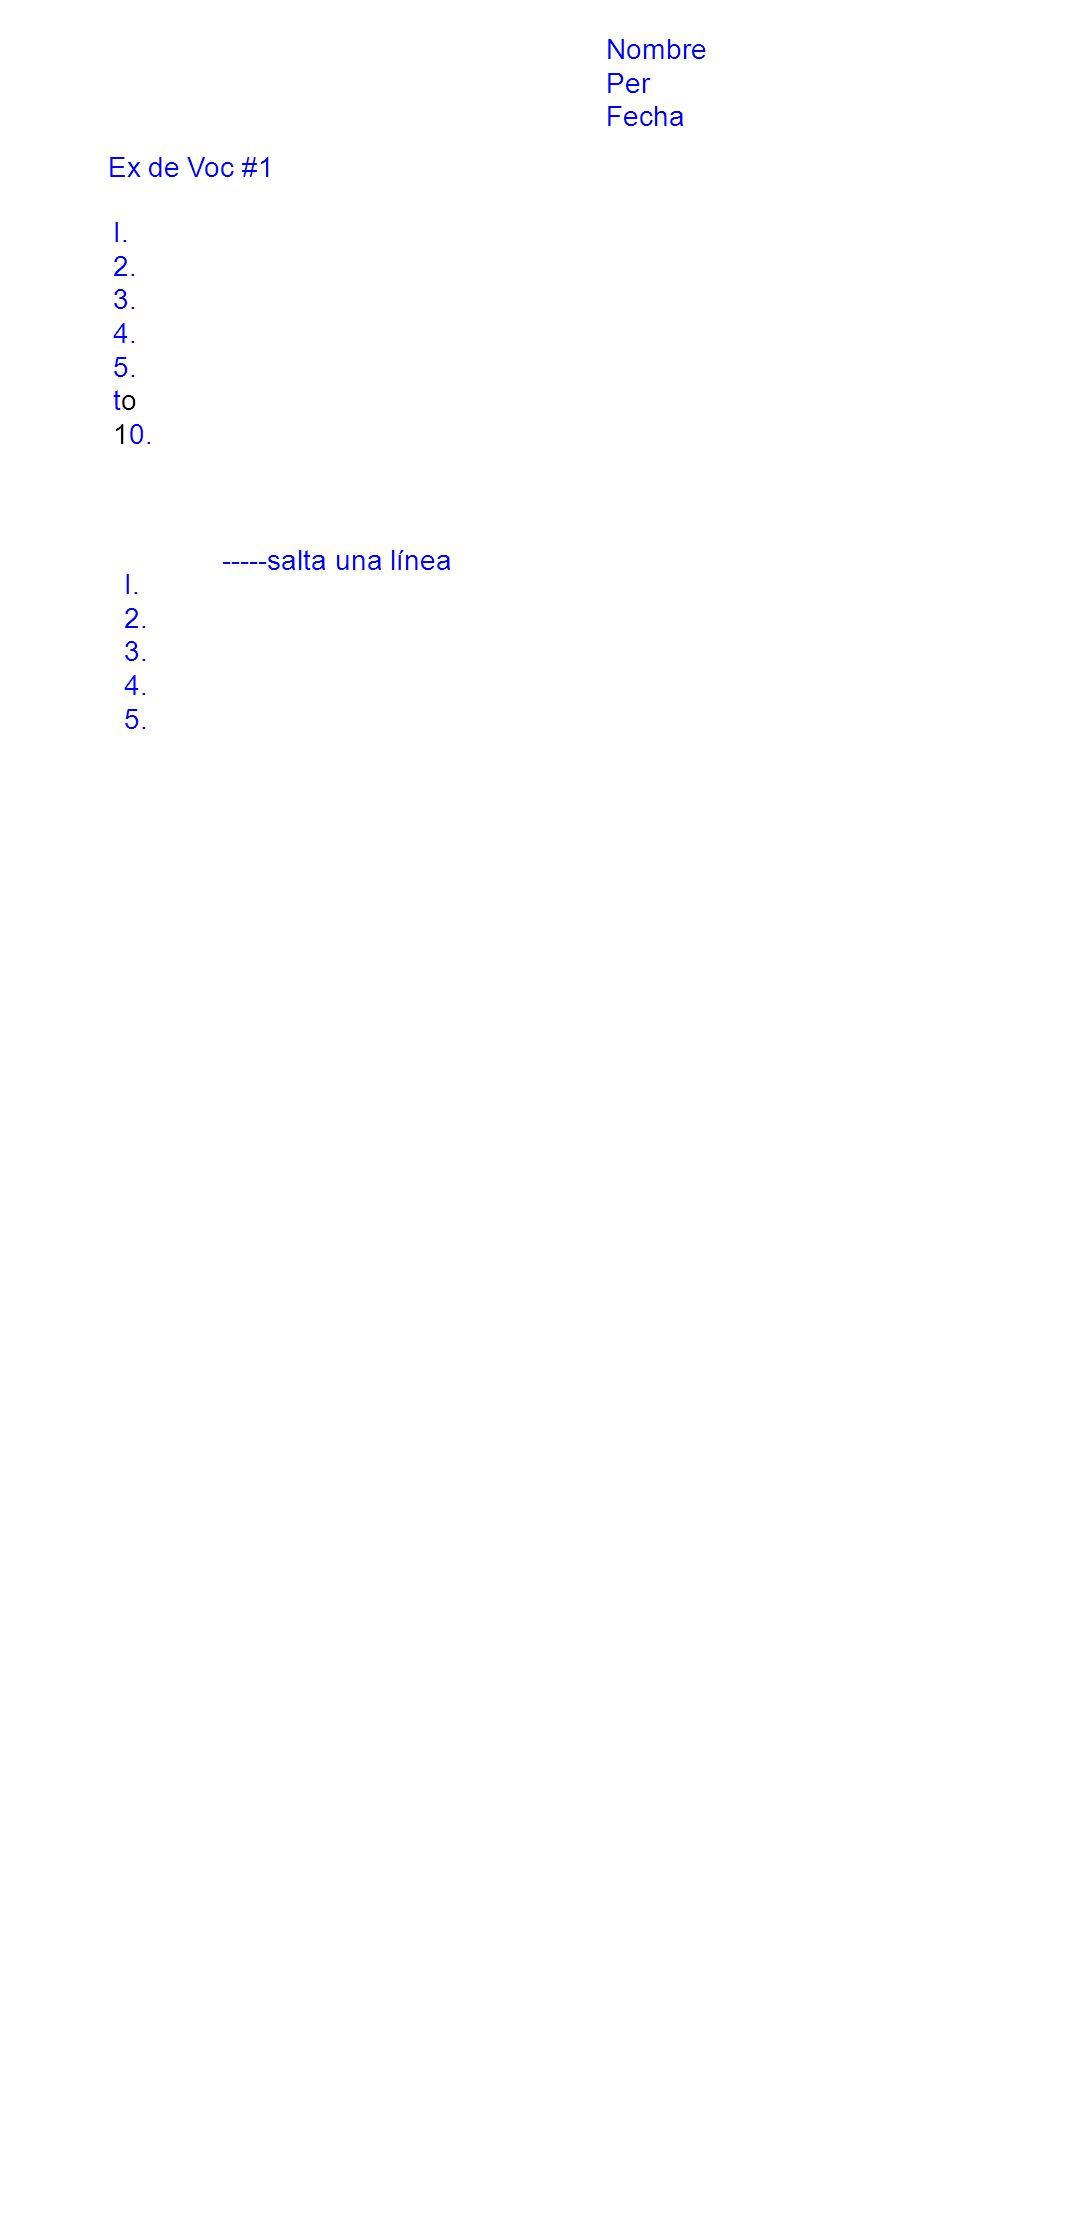 Nombre Per Fecha Ex de Voc #1 I. 2. 3. 4. 5. to 10. -----salta una línea I. 2. 3. 4. 5.